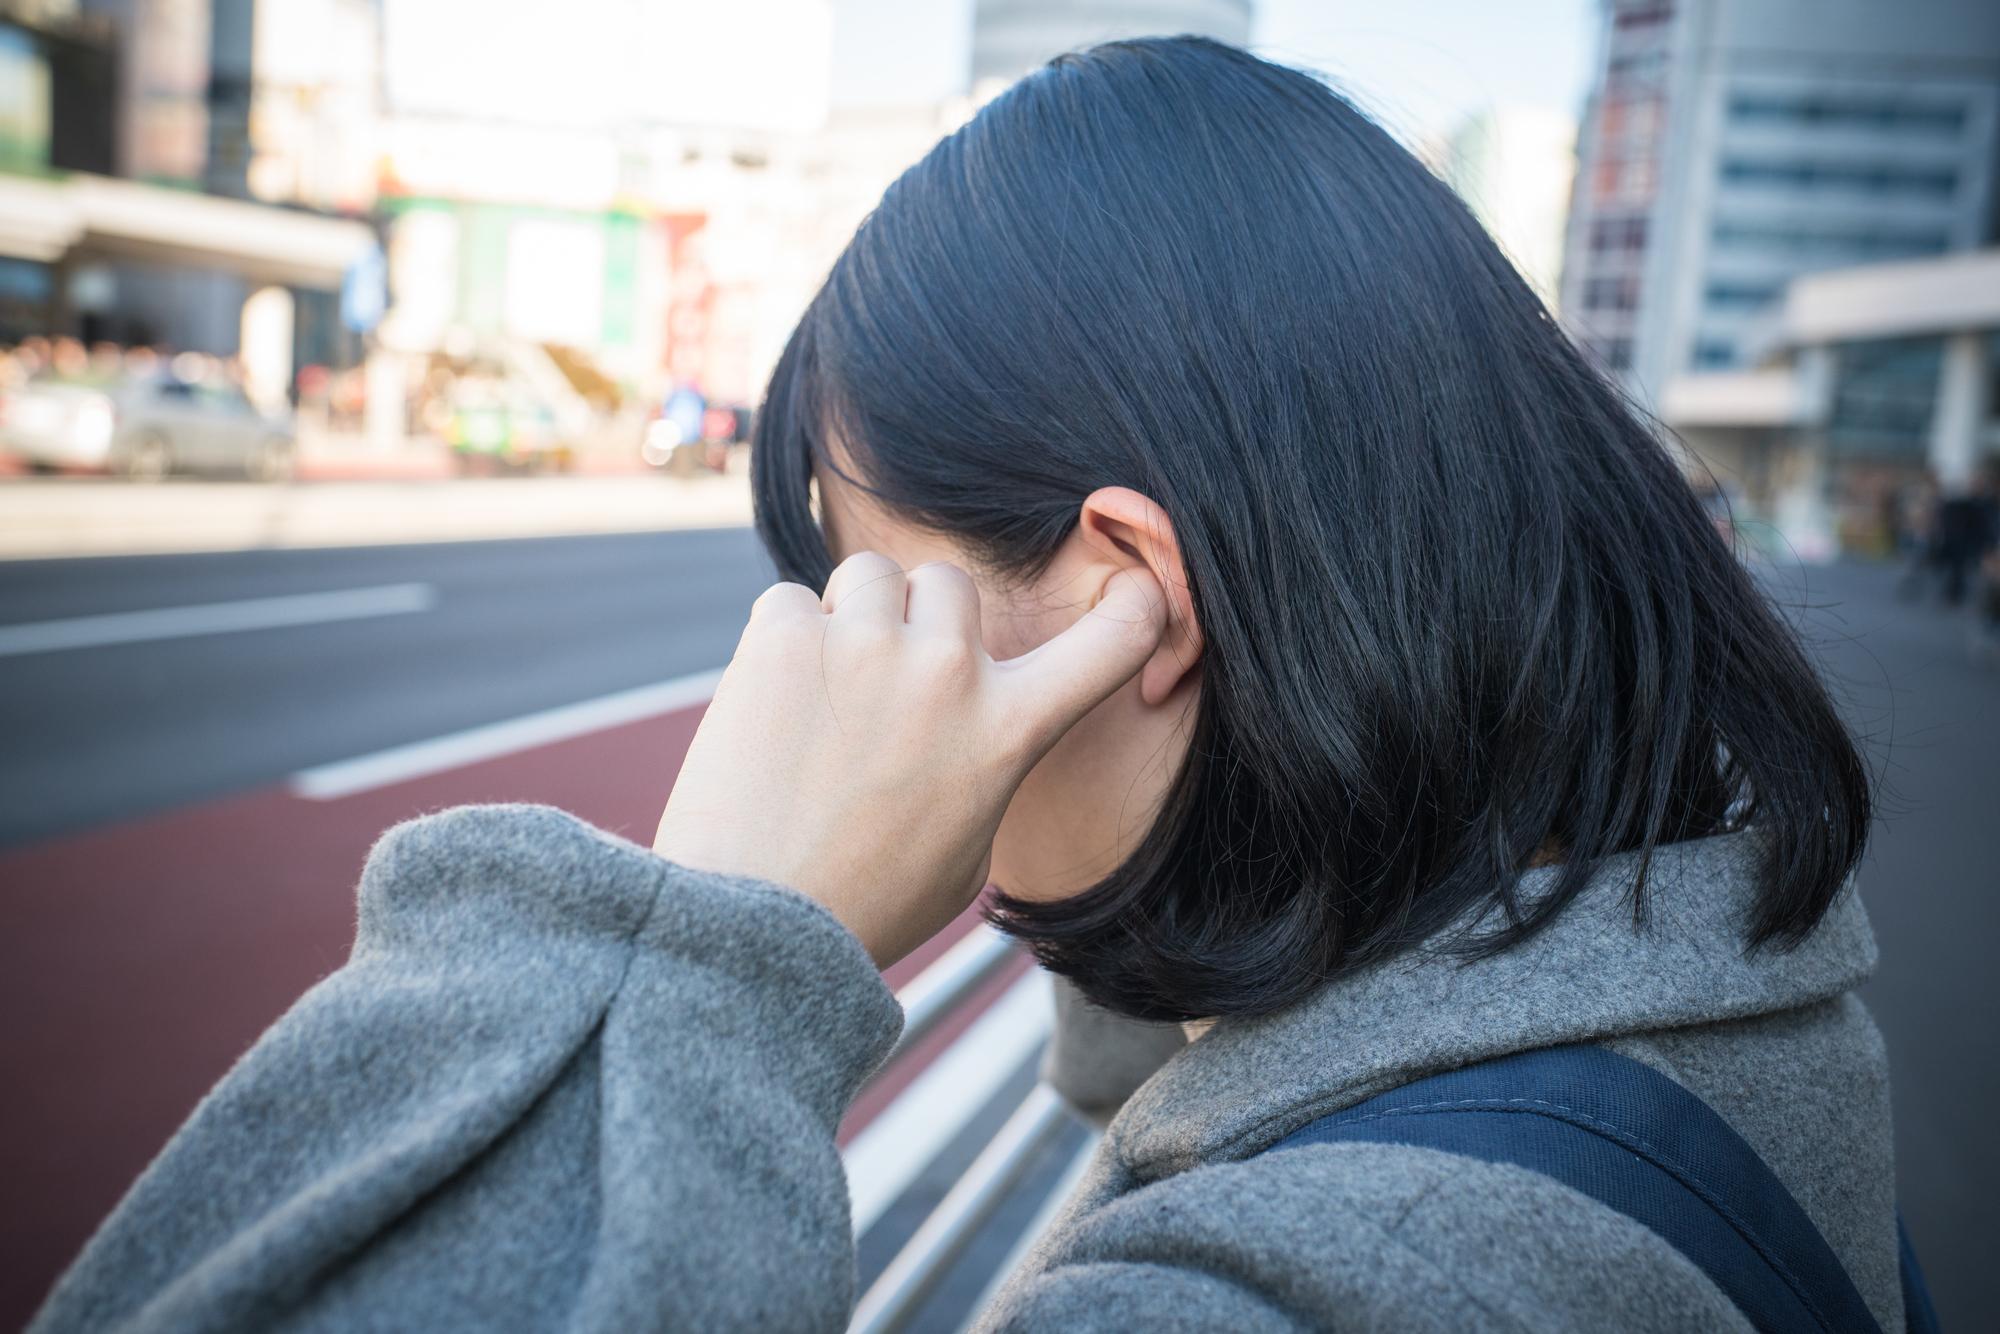 詰まっ 感じ た が 耳 耳が詰まった感じ・水が入った感じがする原因と治し方|大阪の泉川クリニック